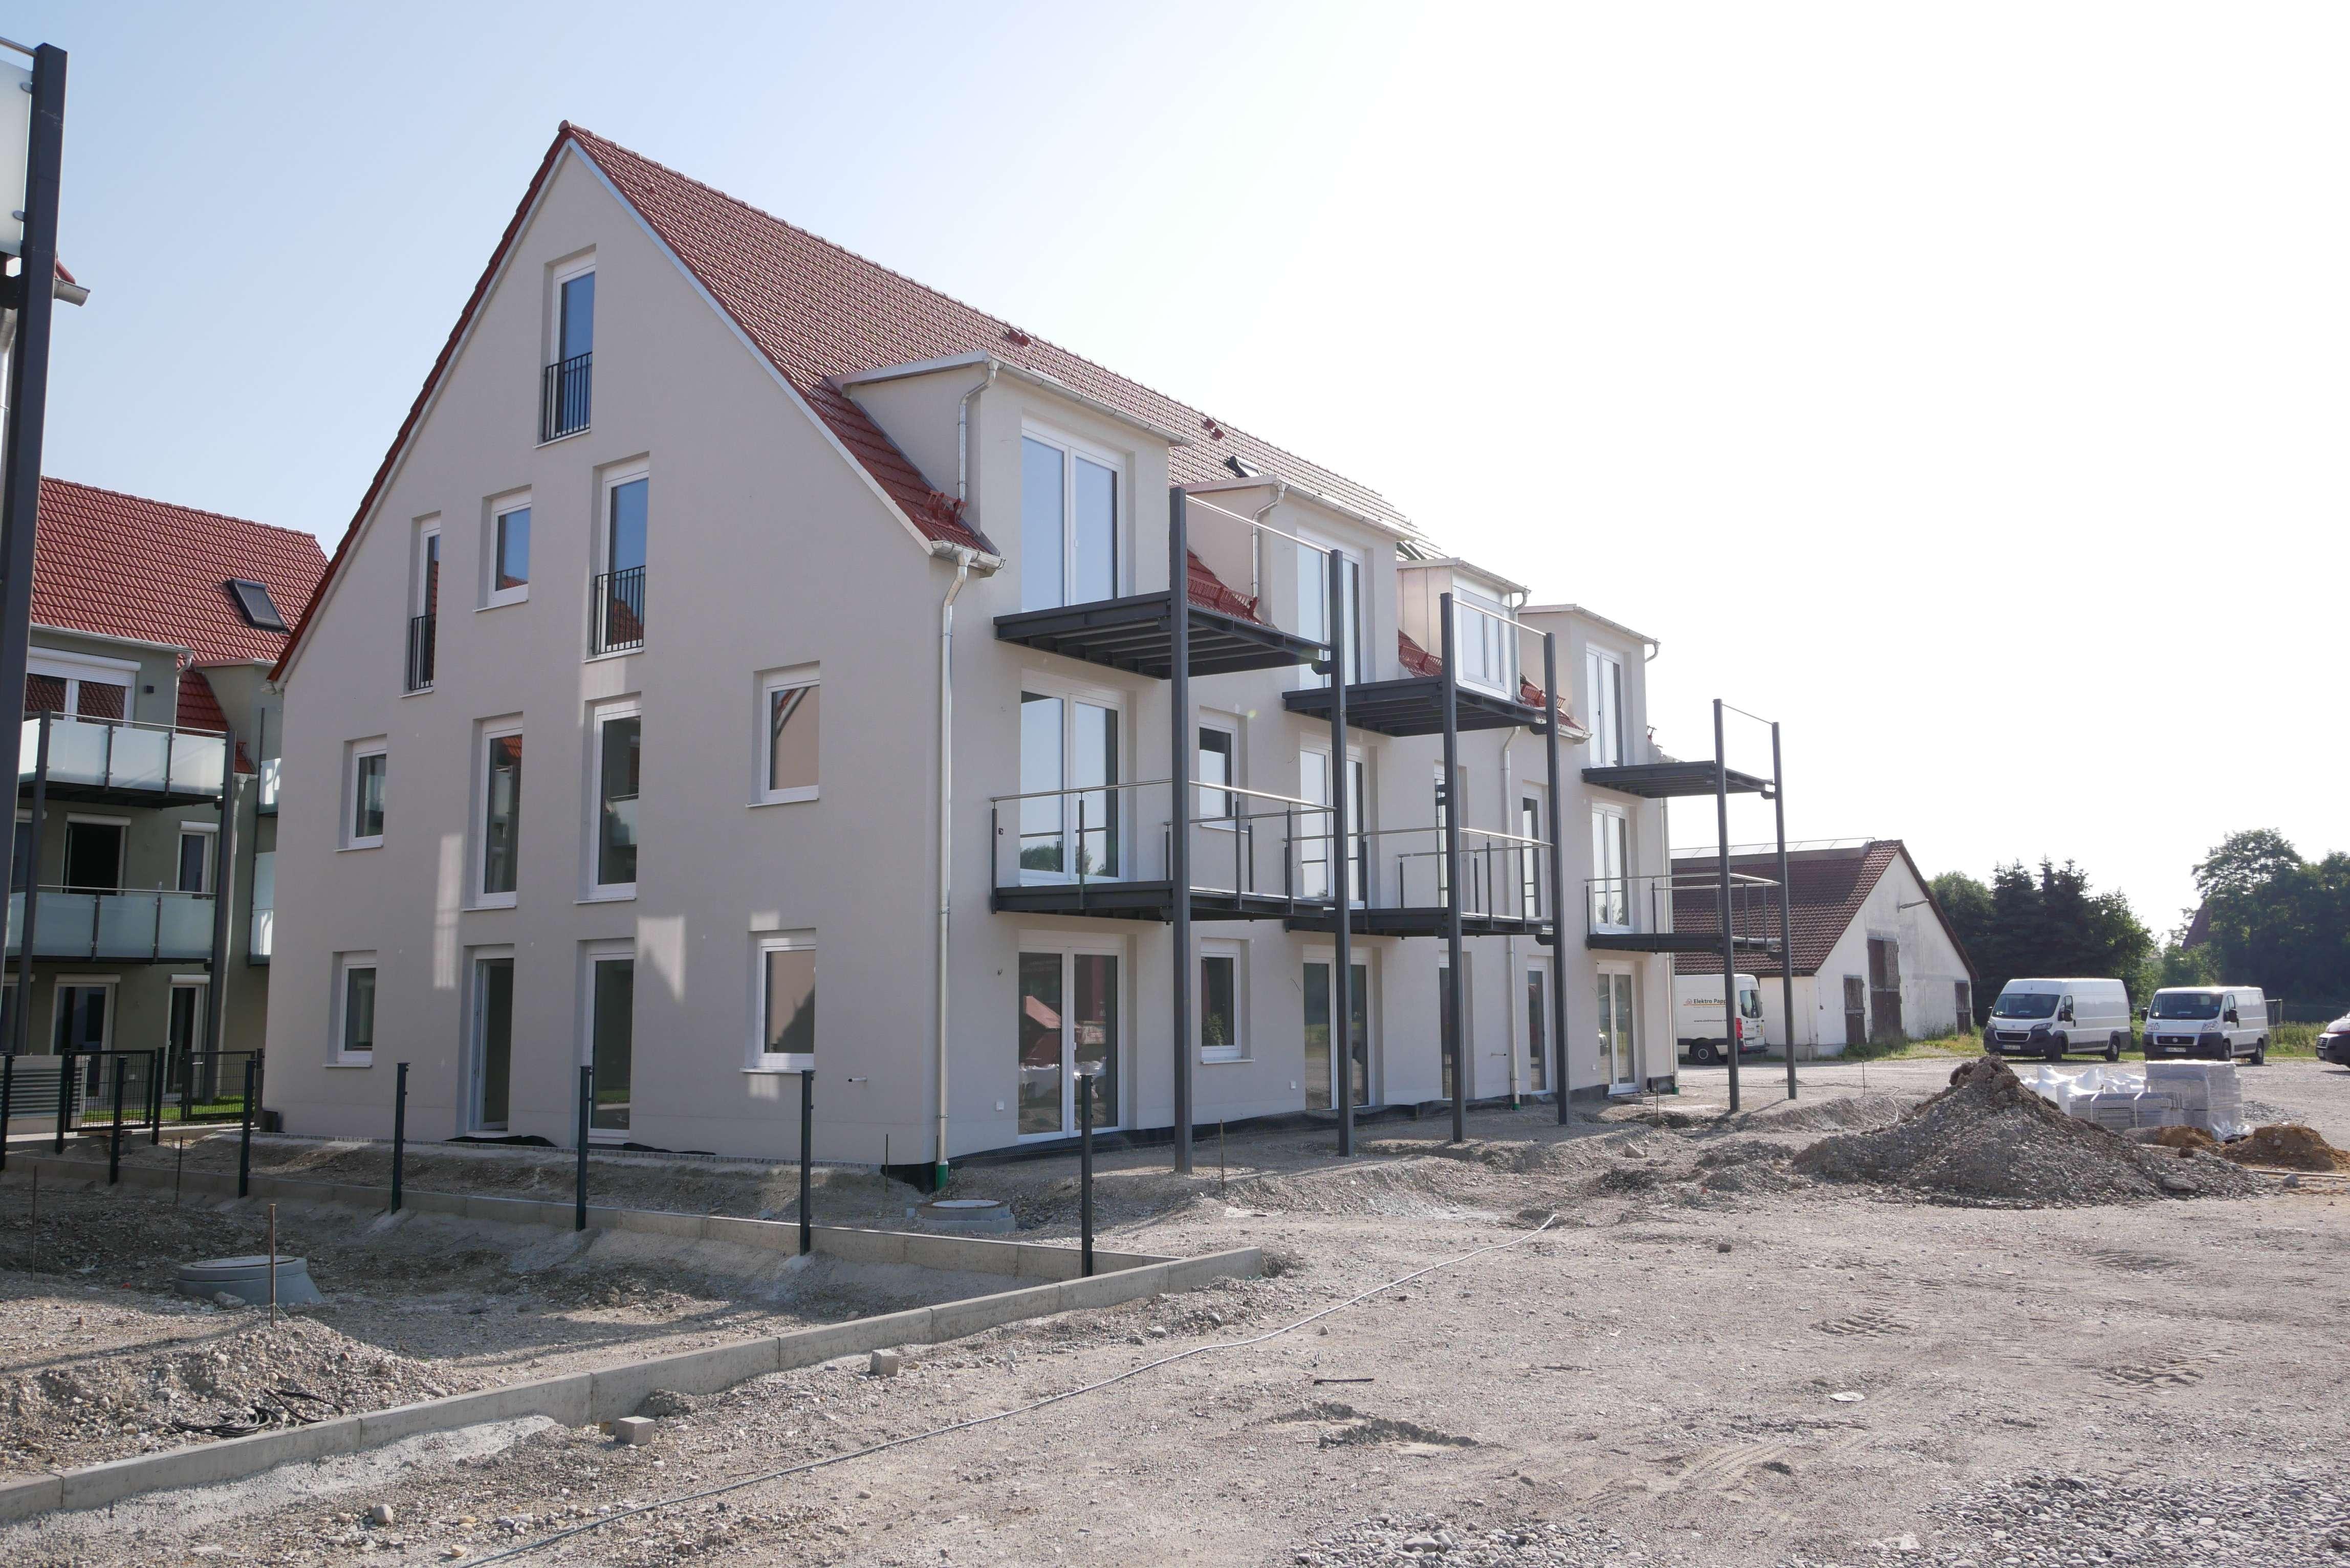 G9 - Charmante 3-Zimmer-Wohnung über zwei Etagen - Dachgeschoss und Dachspitz